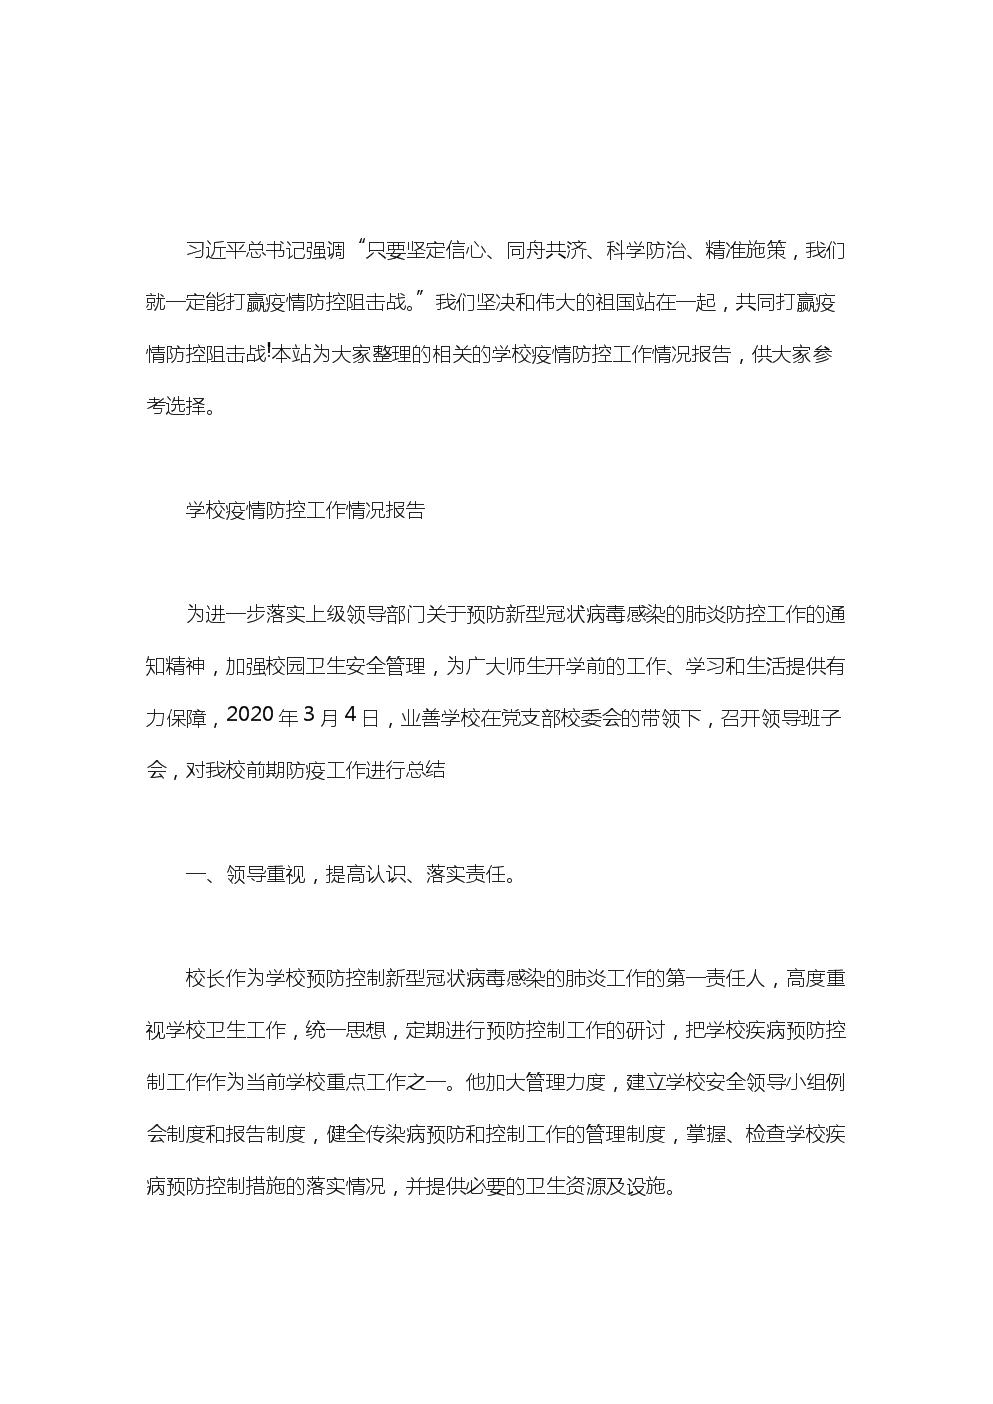 学校疫情防控工作情况报告3篇.doc